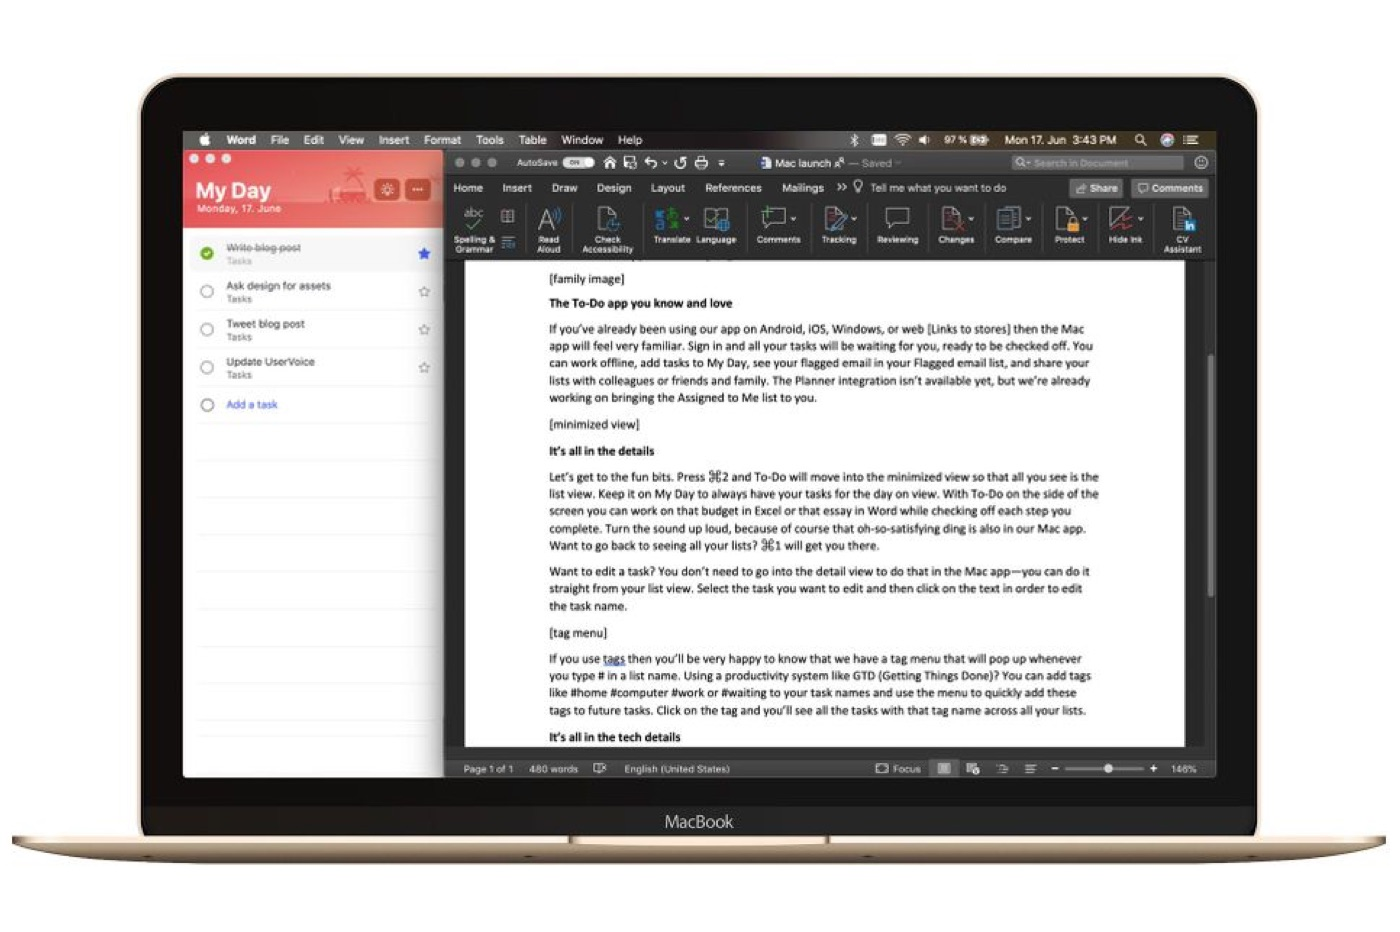 Le gestionnaire de tâches Microsoft To-Do disponible sur Mac 1